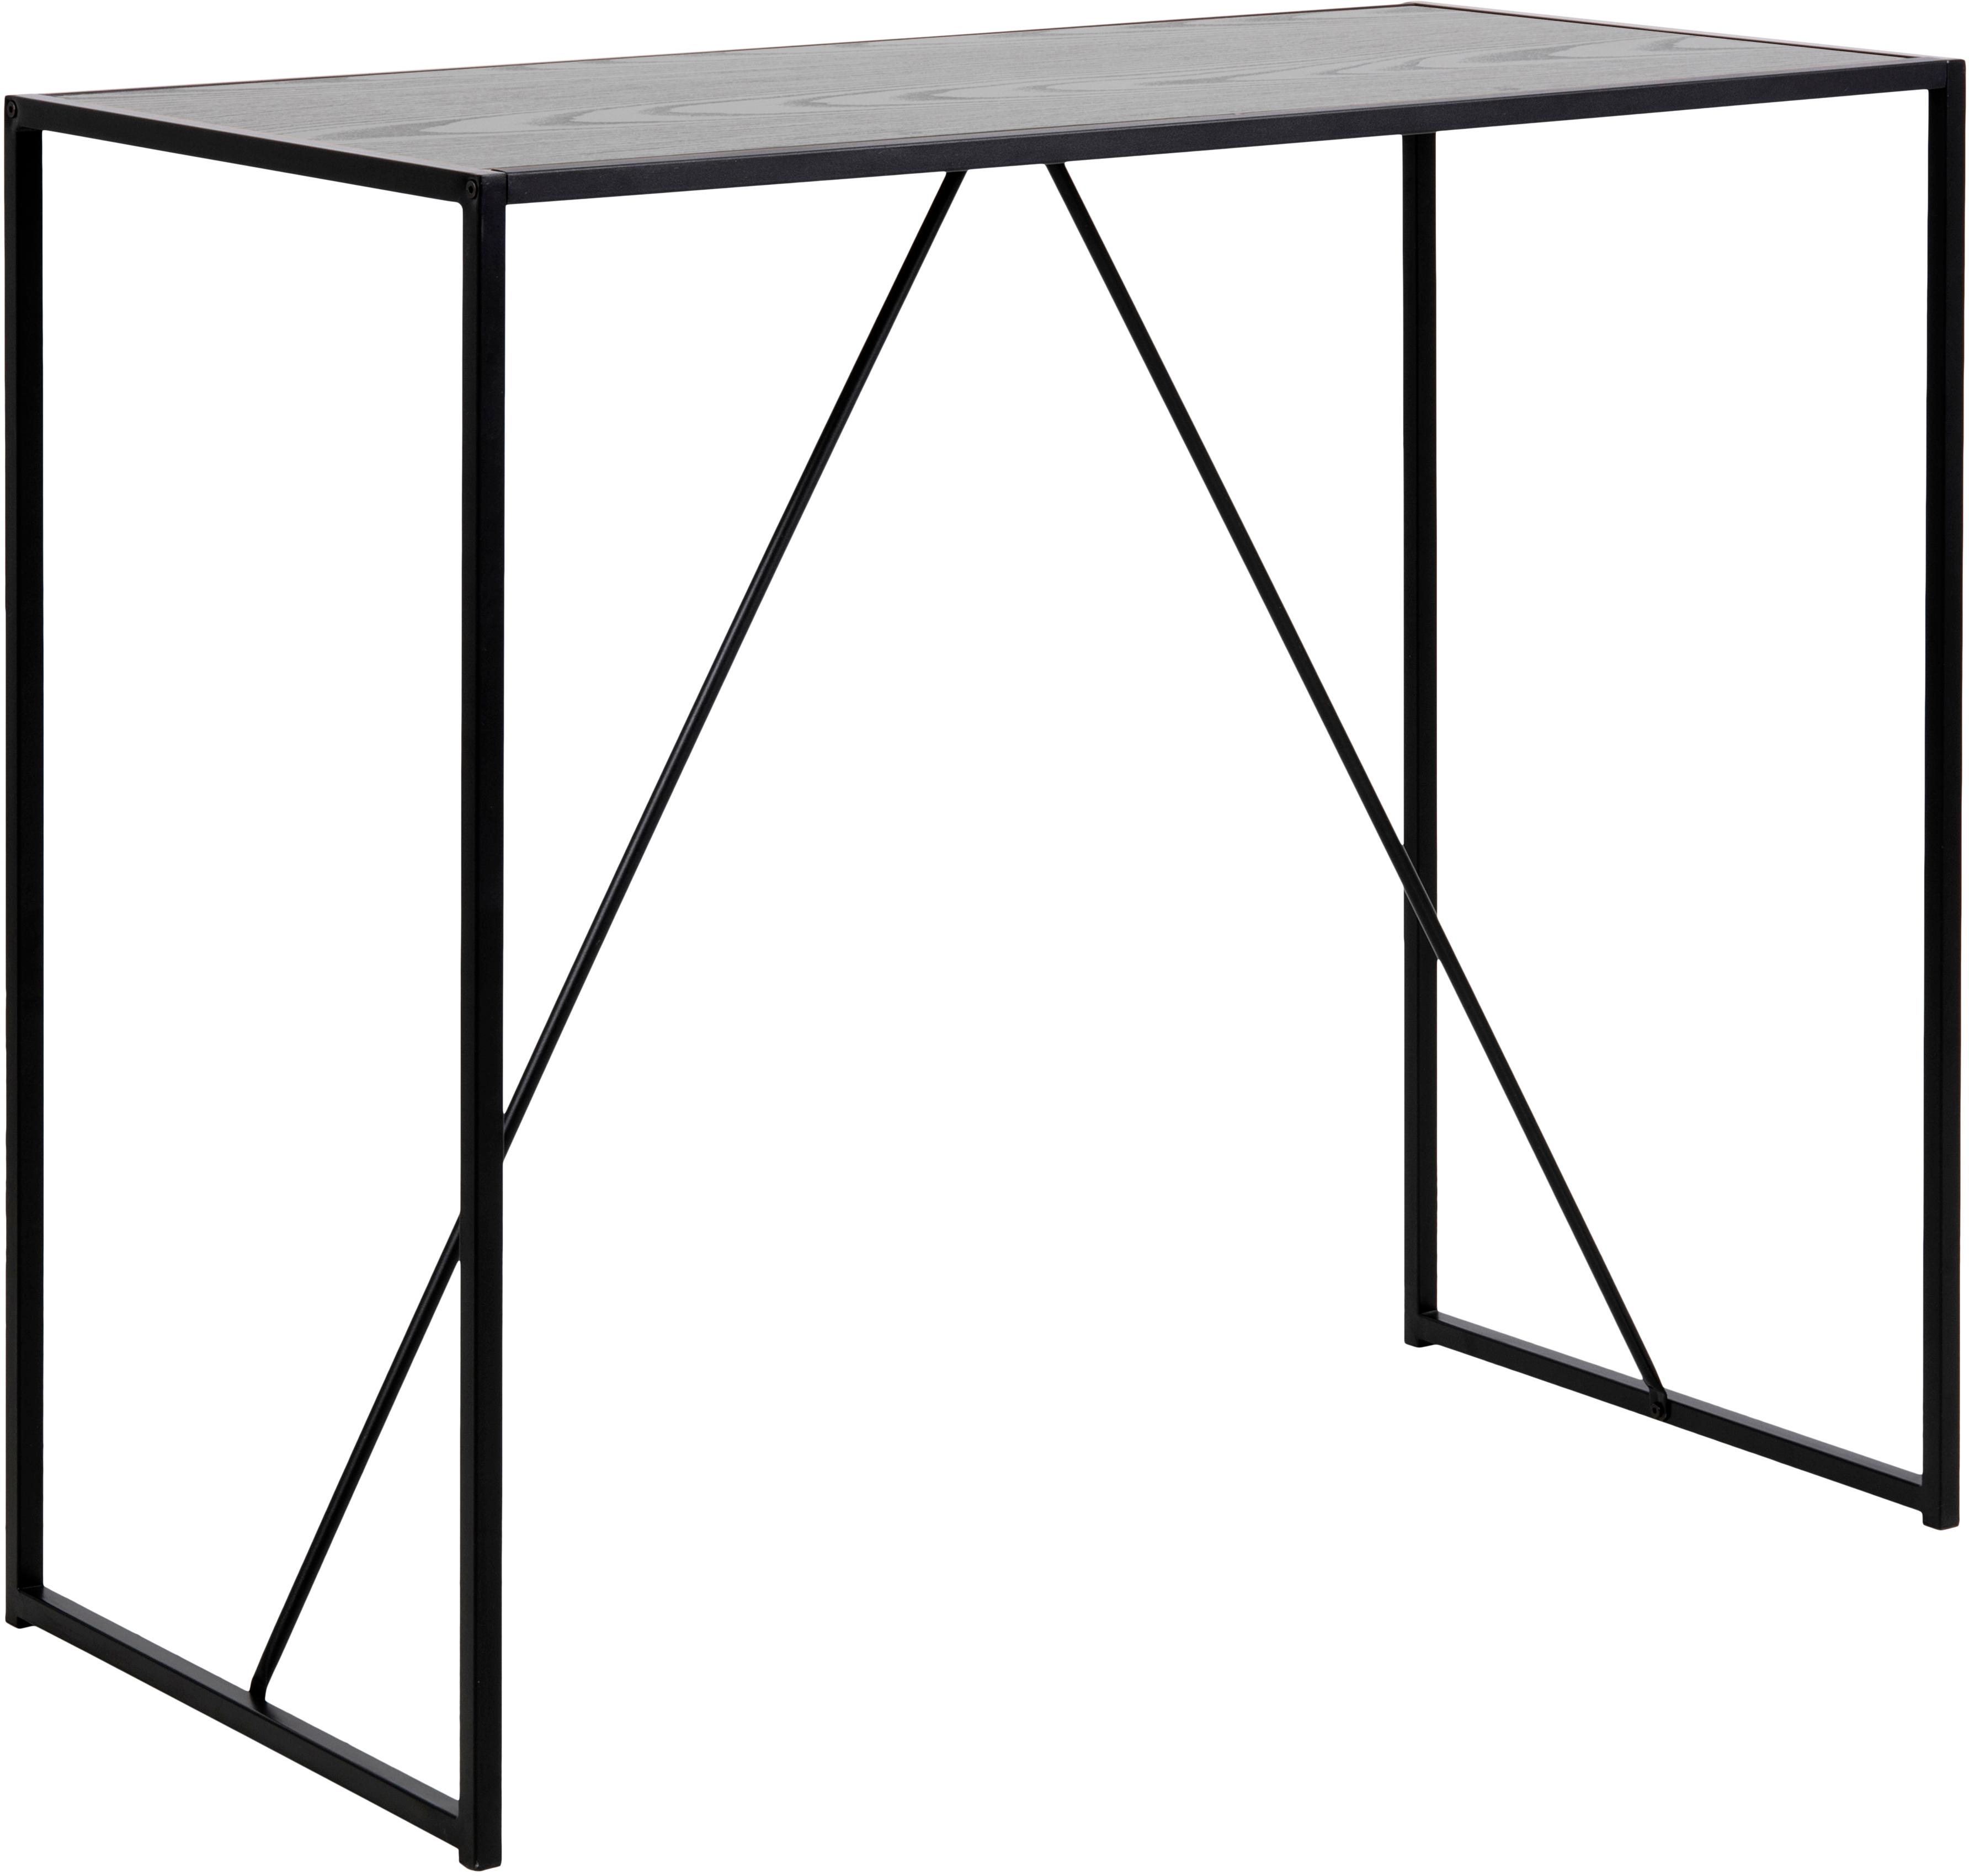 Tavolo da bar in legno e metallo Seaford, Metallo, melamina, legno di frassino, Nero, Larg. 120 x Prof. 60 cm